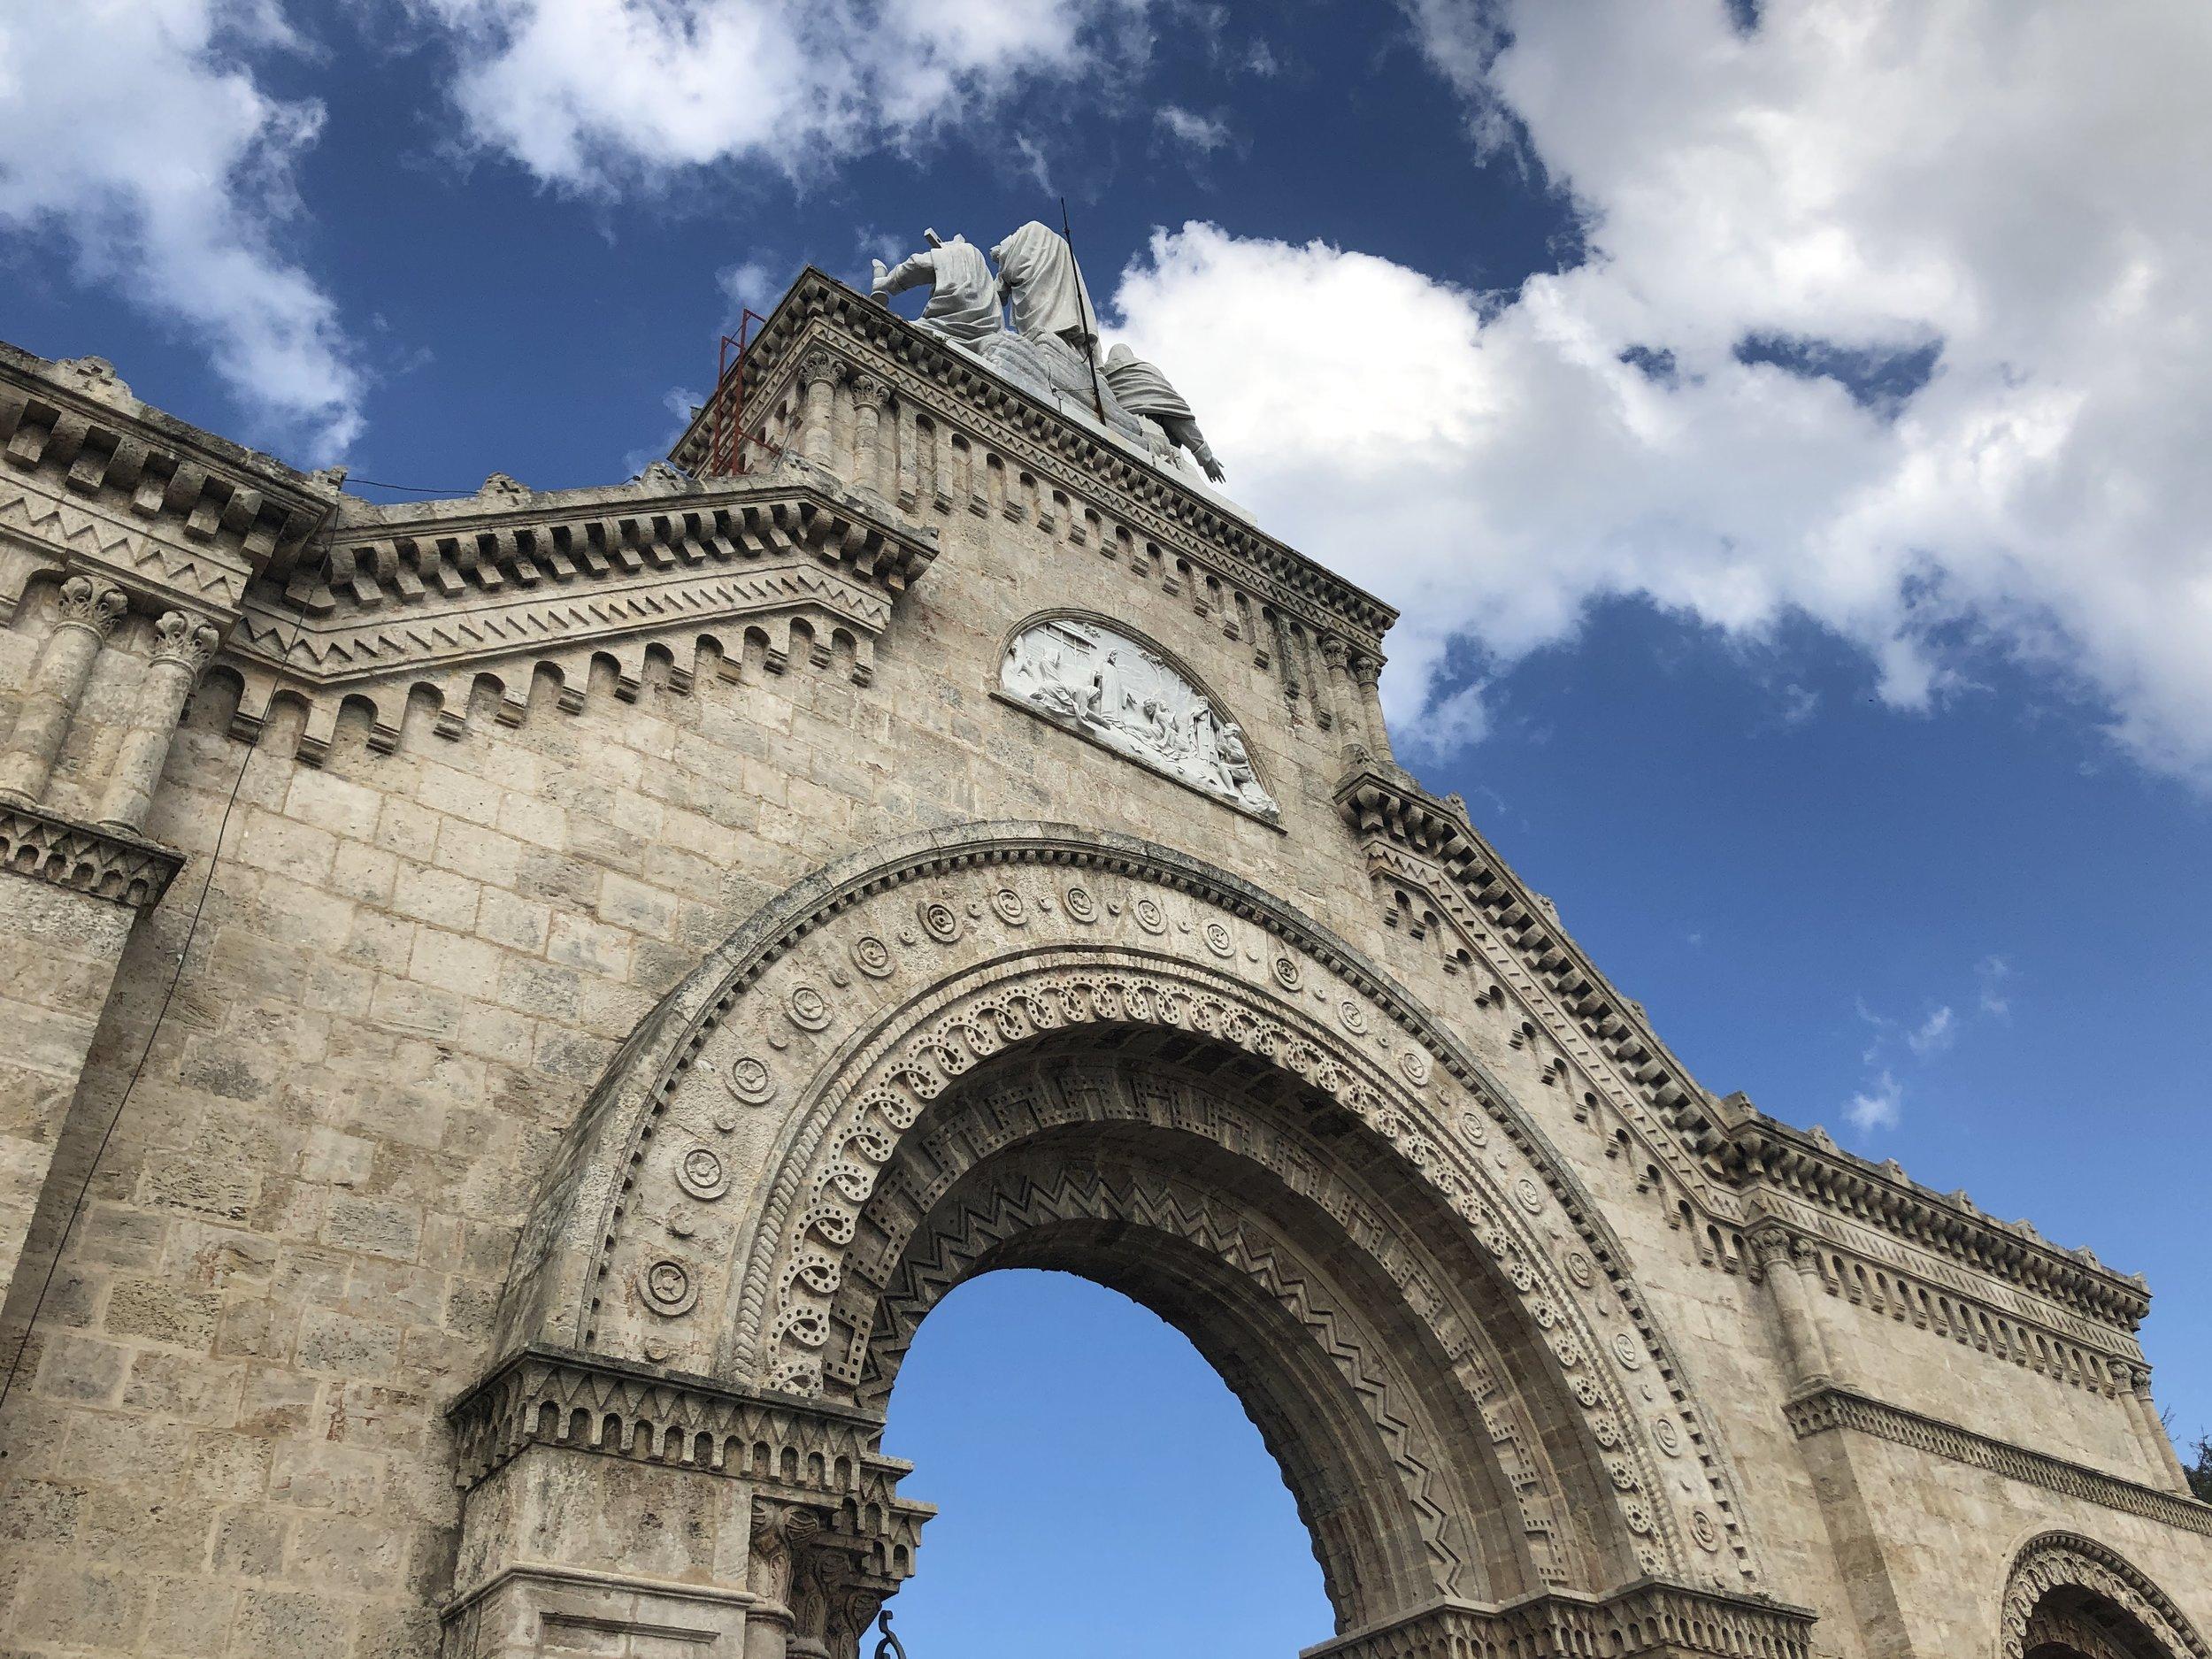 The gate of Cristóbal Colón Cemetary